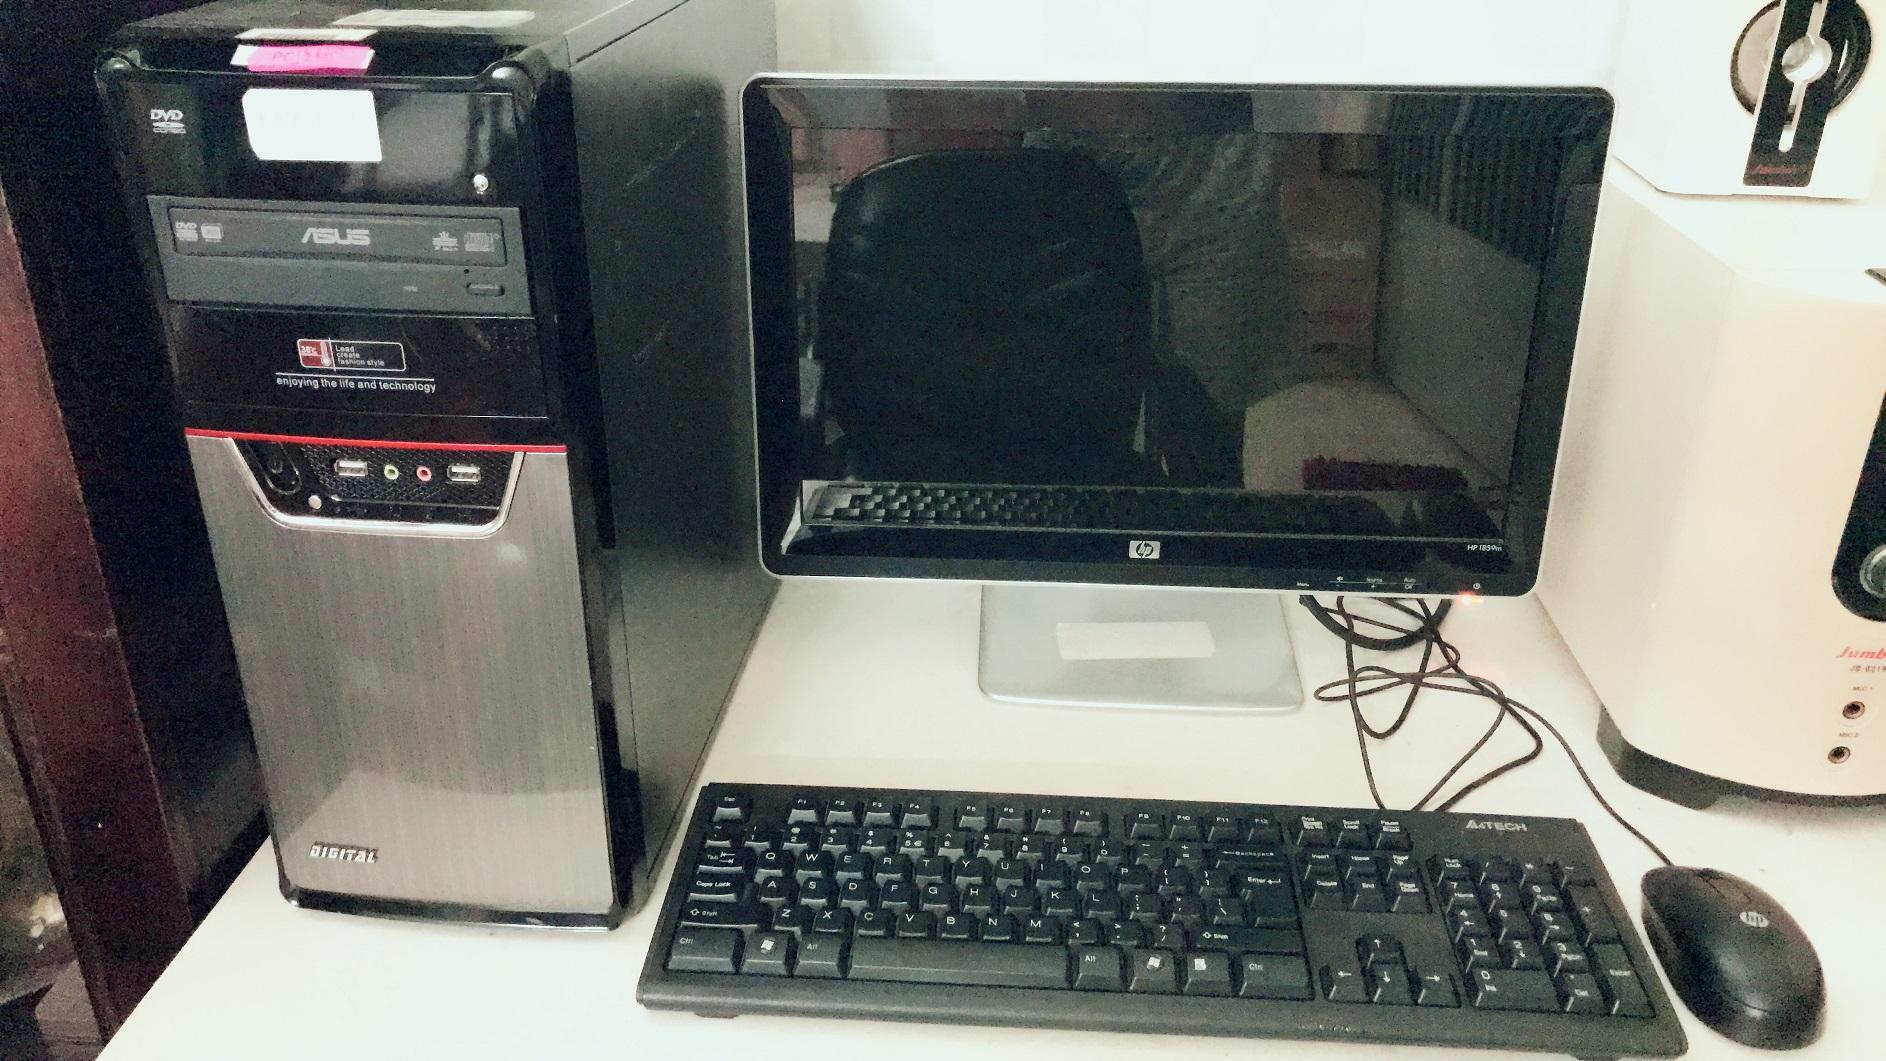 Hình ảnh Bộ máy core I5-2320, mainboard P8H67-V full cổng, Ram 4G tãn nhiệt thép, HDD 500G, DVDRW, power 600W, màn hình 19', chuột, phím